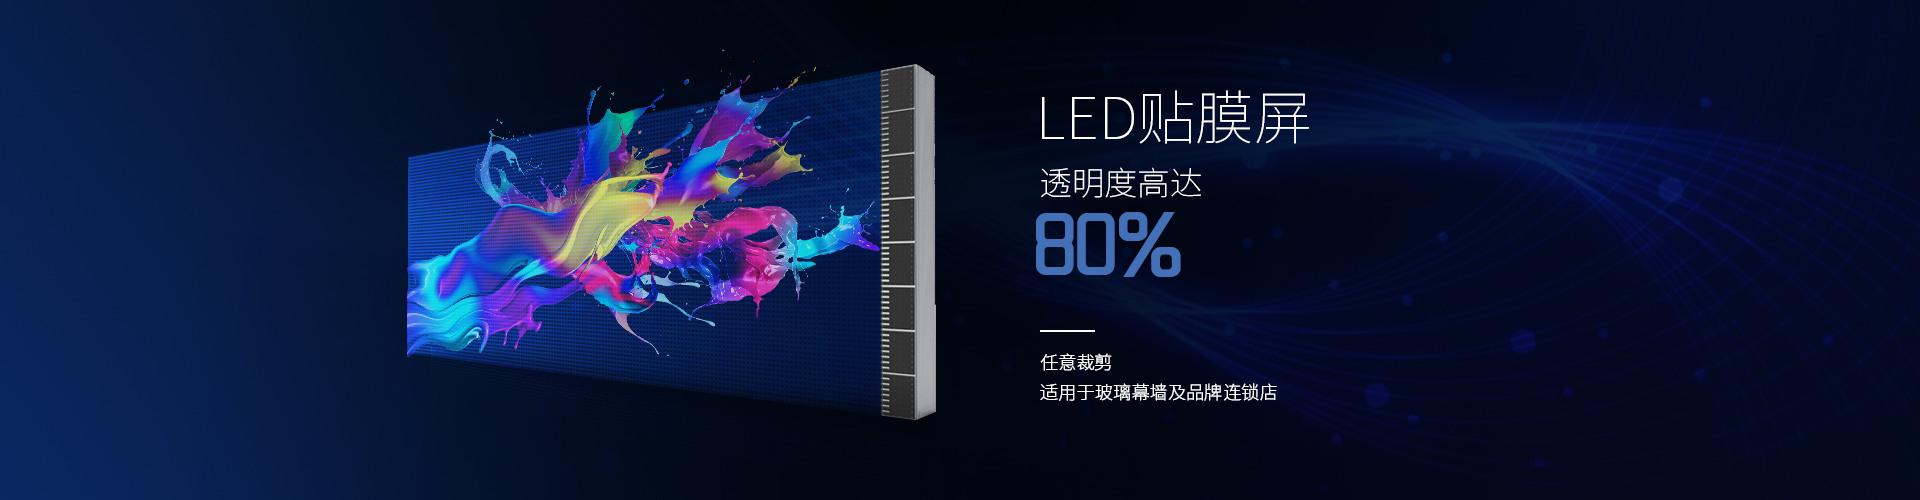 LED贴膜屏